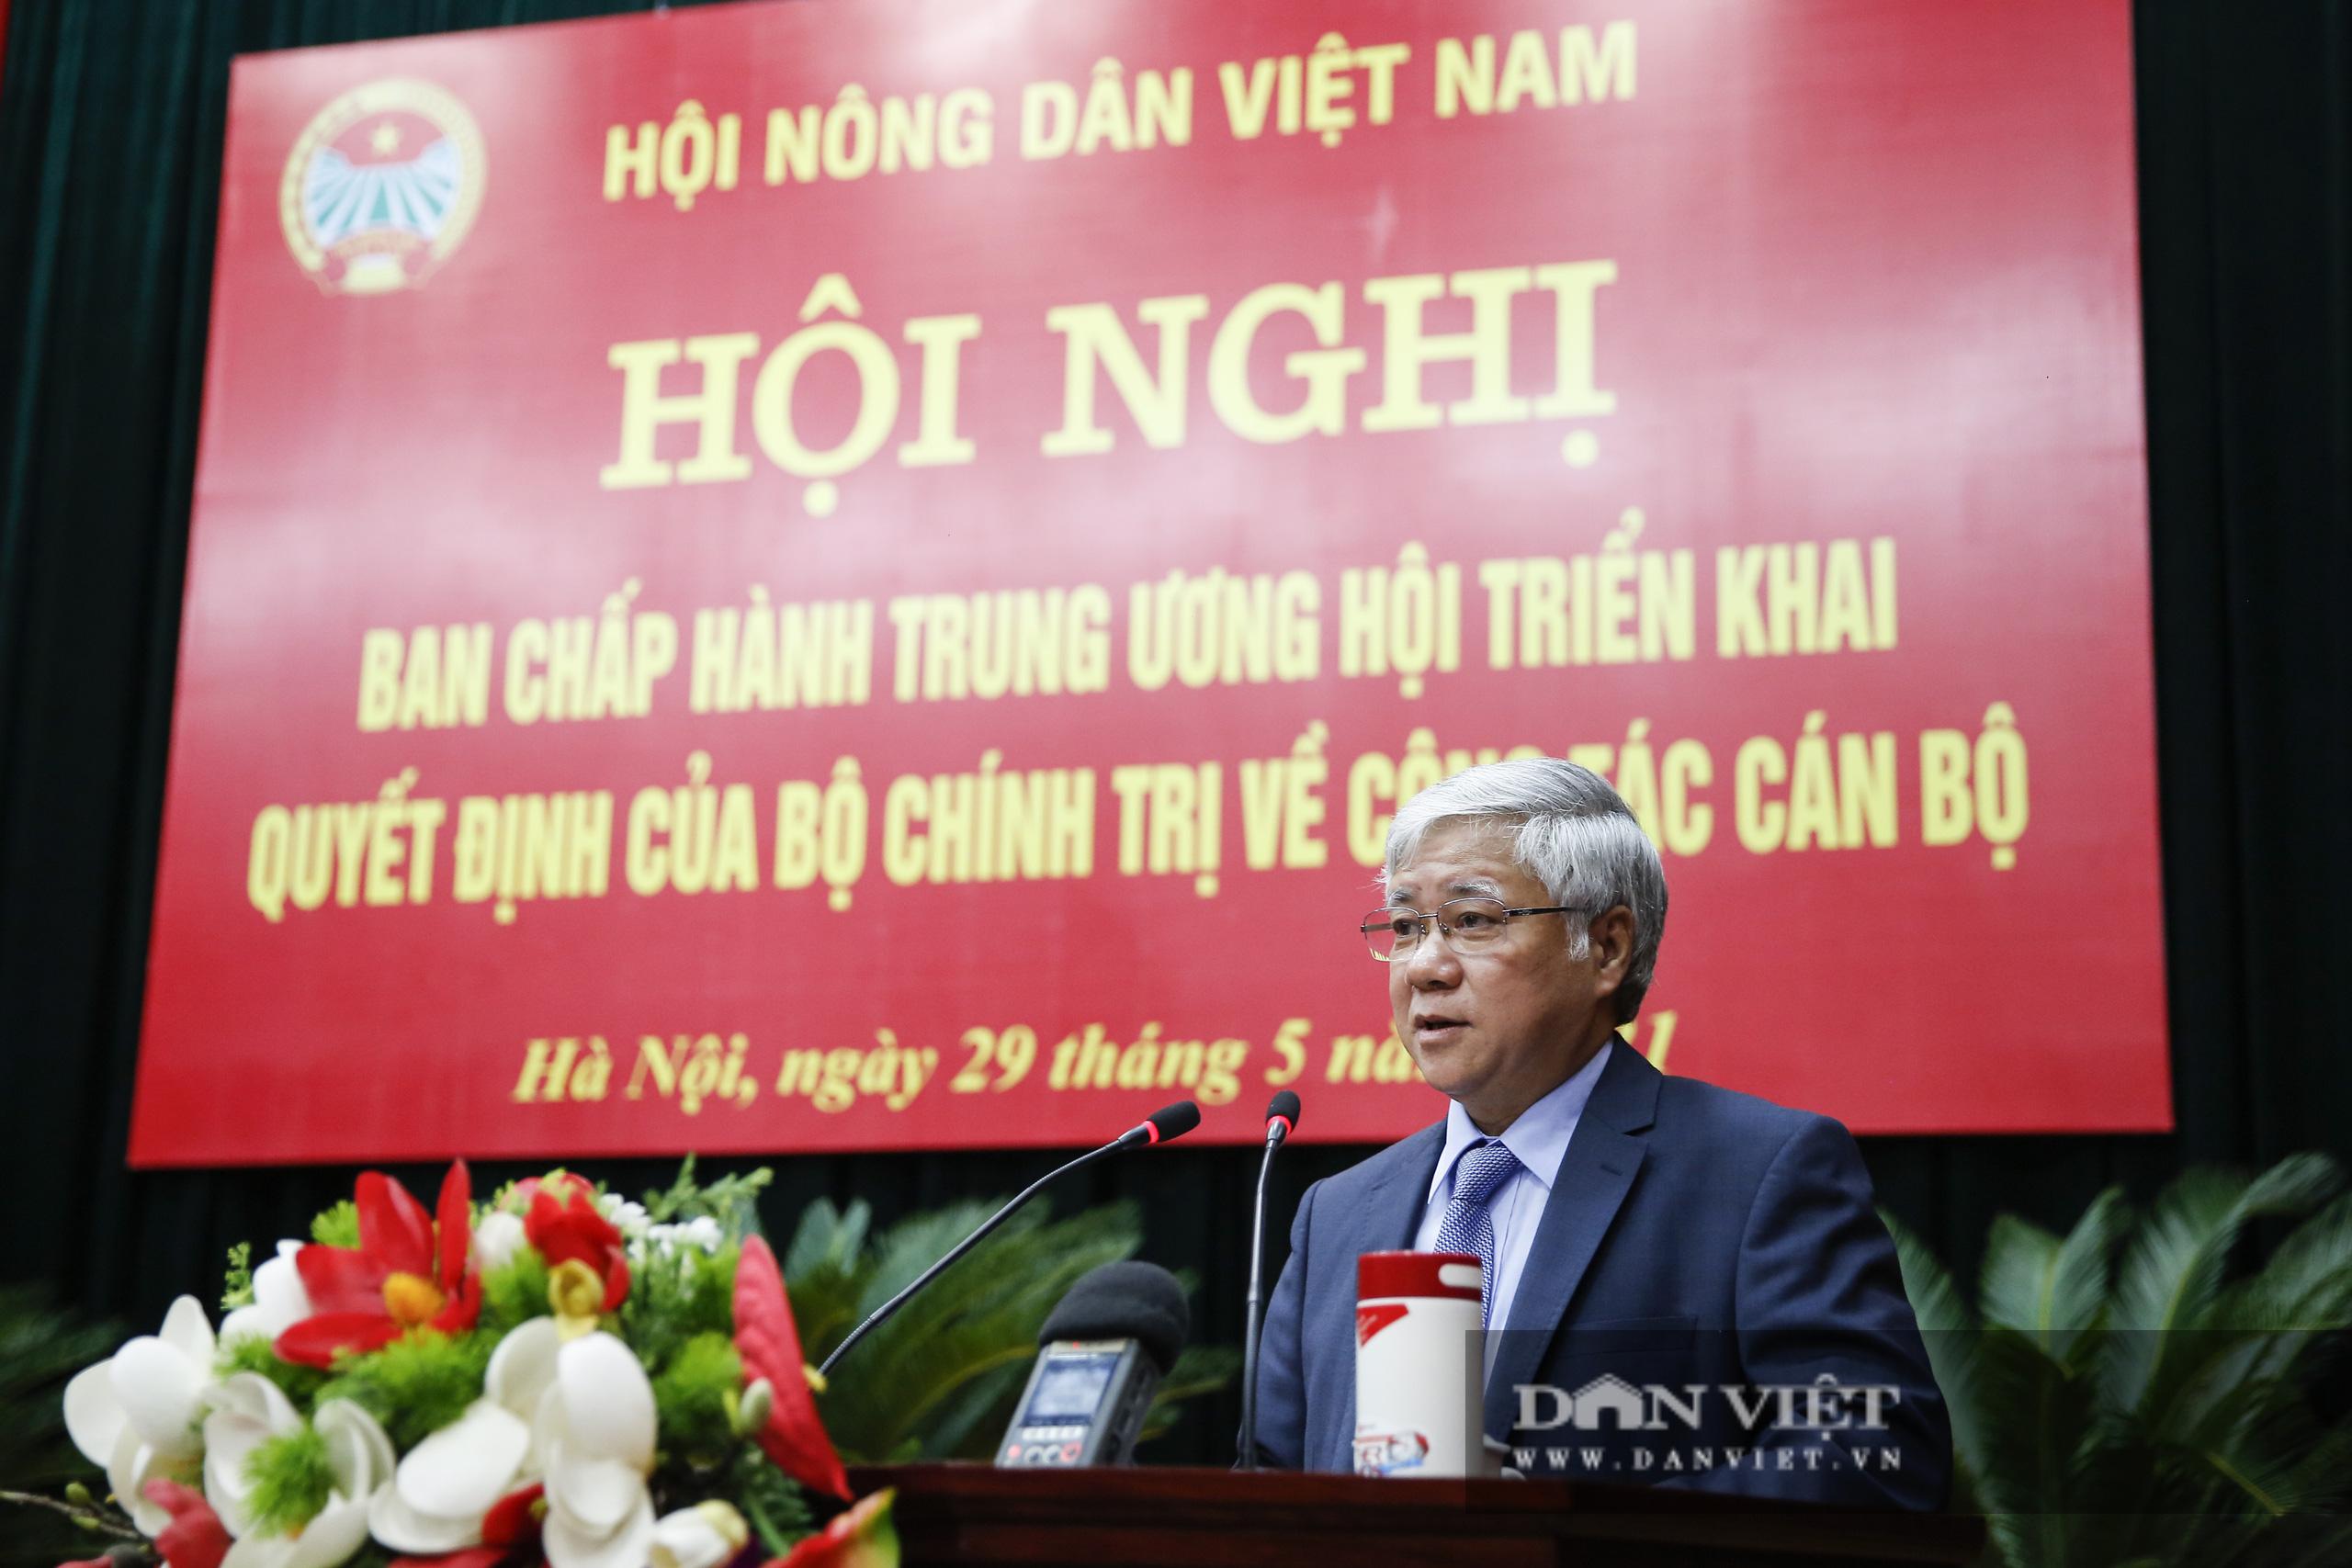 Ảnh: Hội nghị BCH TƯ Hội Nông dân Việt Nam triển khai quyết định của Bộ Chính trị về công tác cán bộ - Ảnh 5.